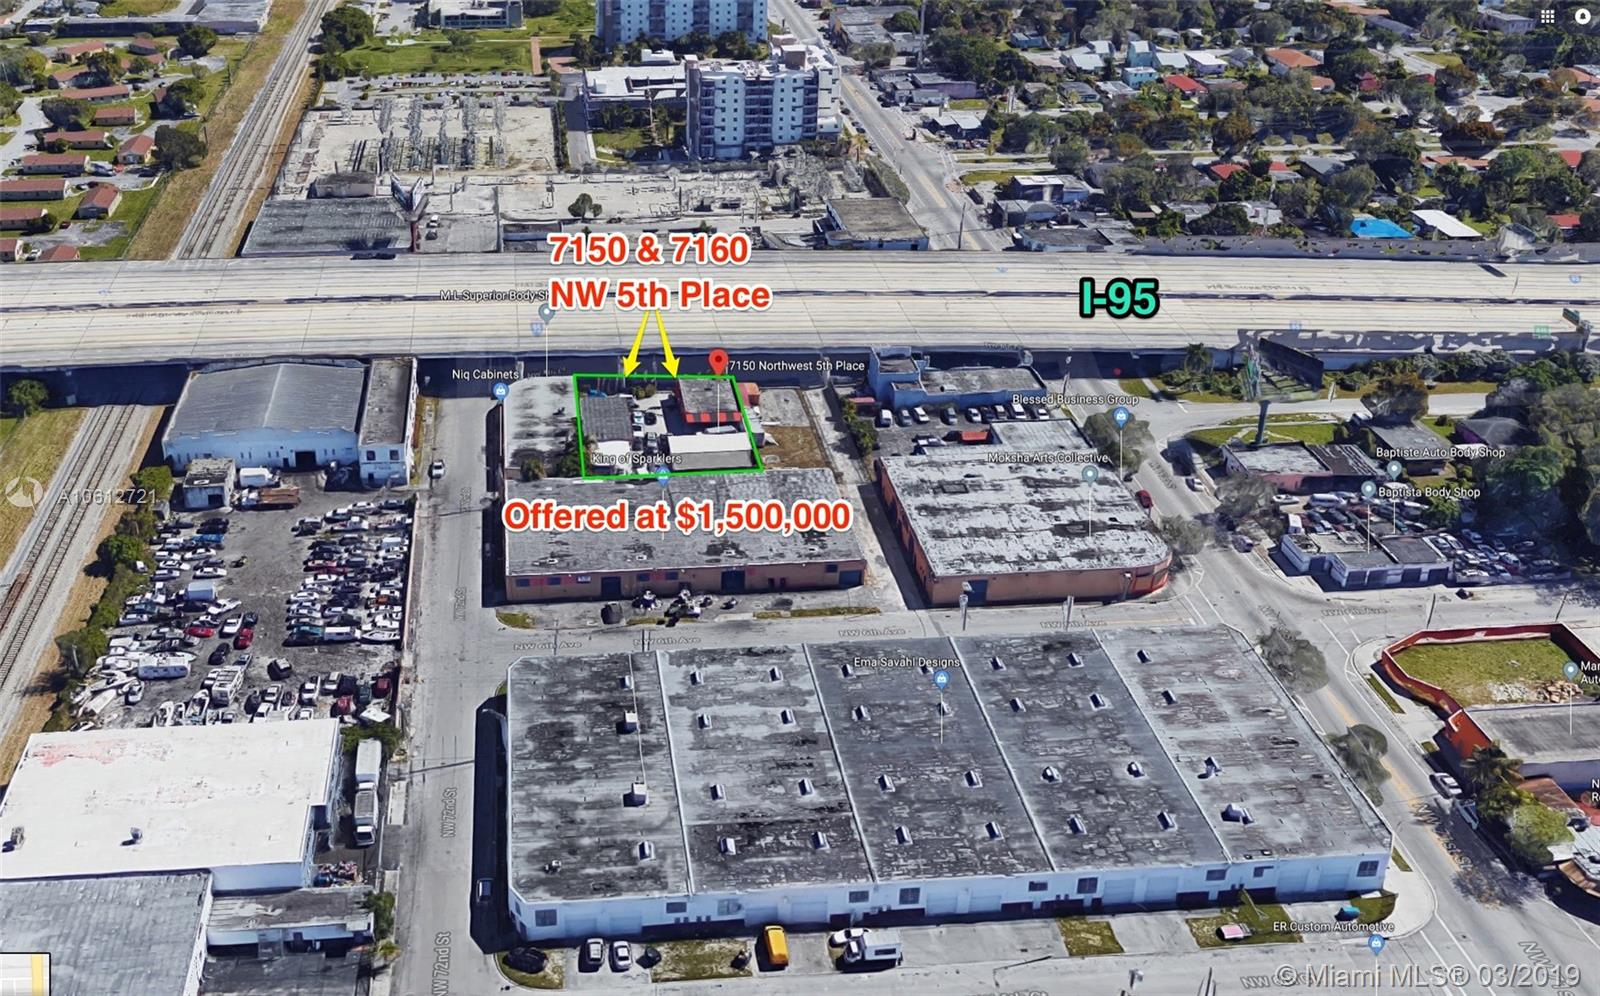 7150 NW 5th Pl, Miami, FL 33150